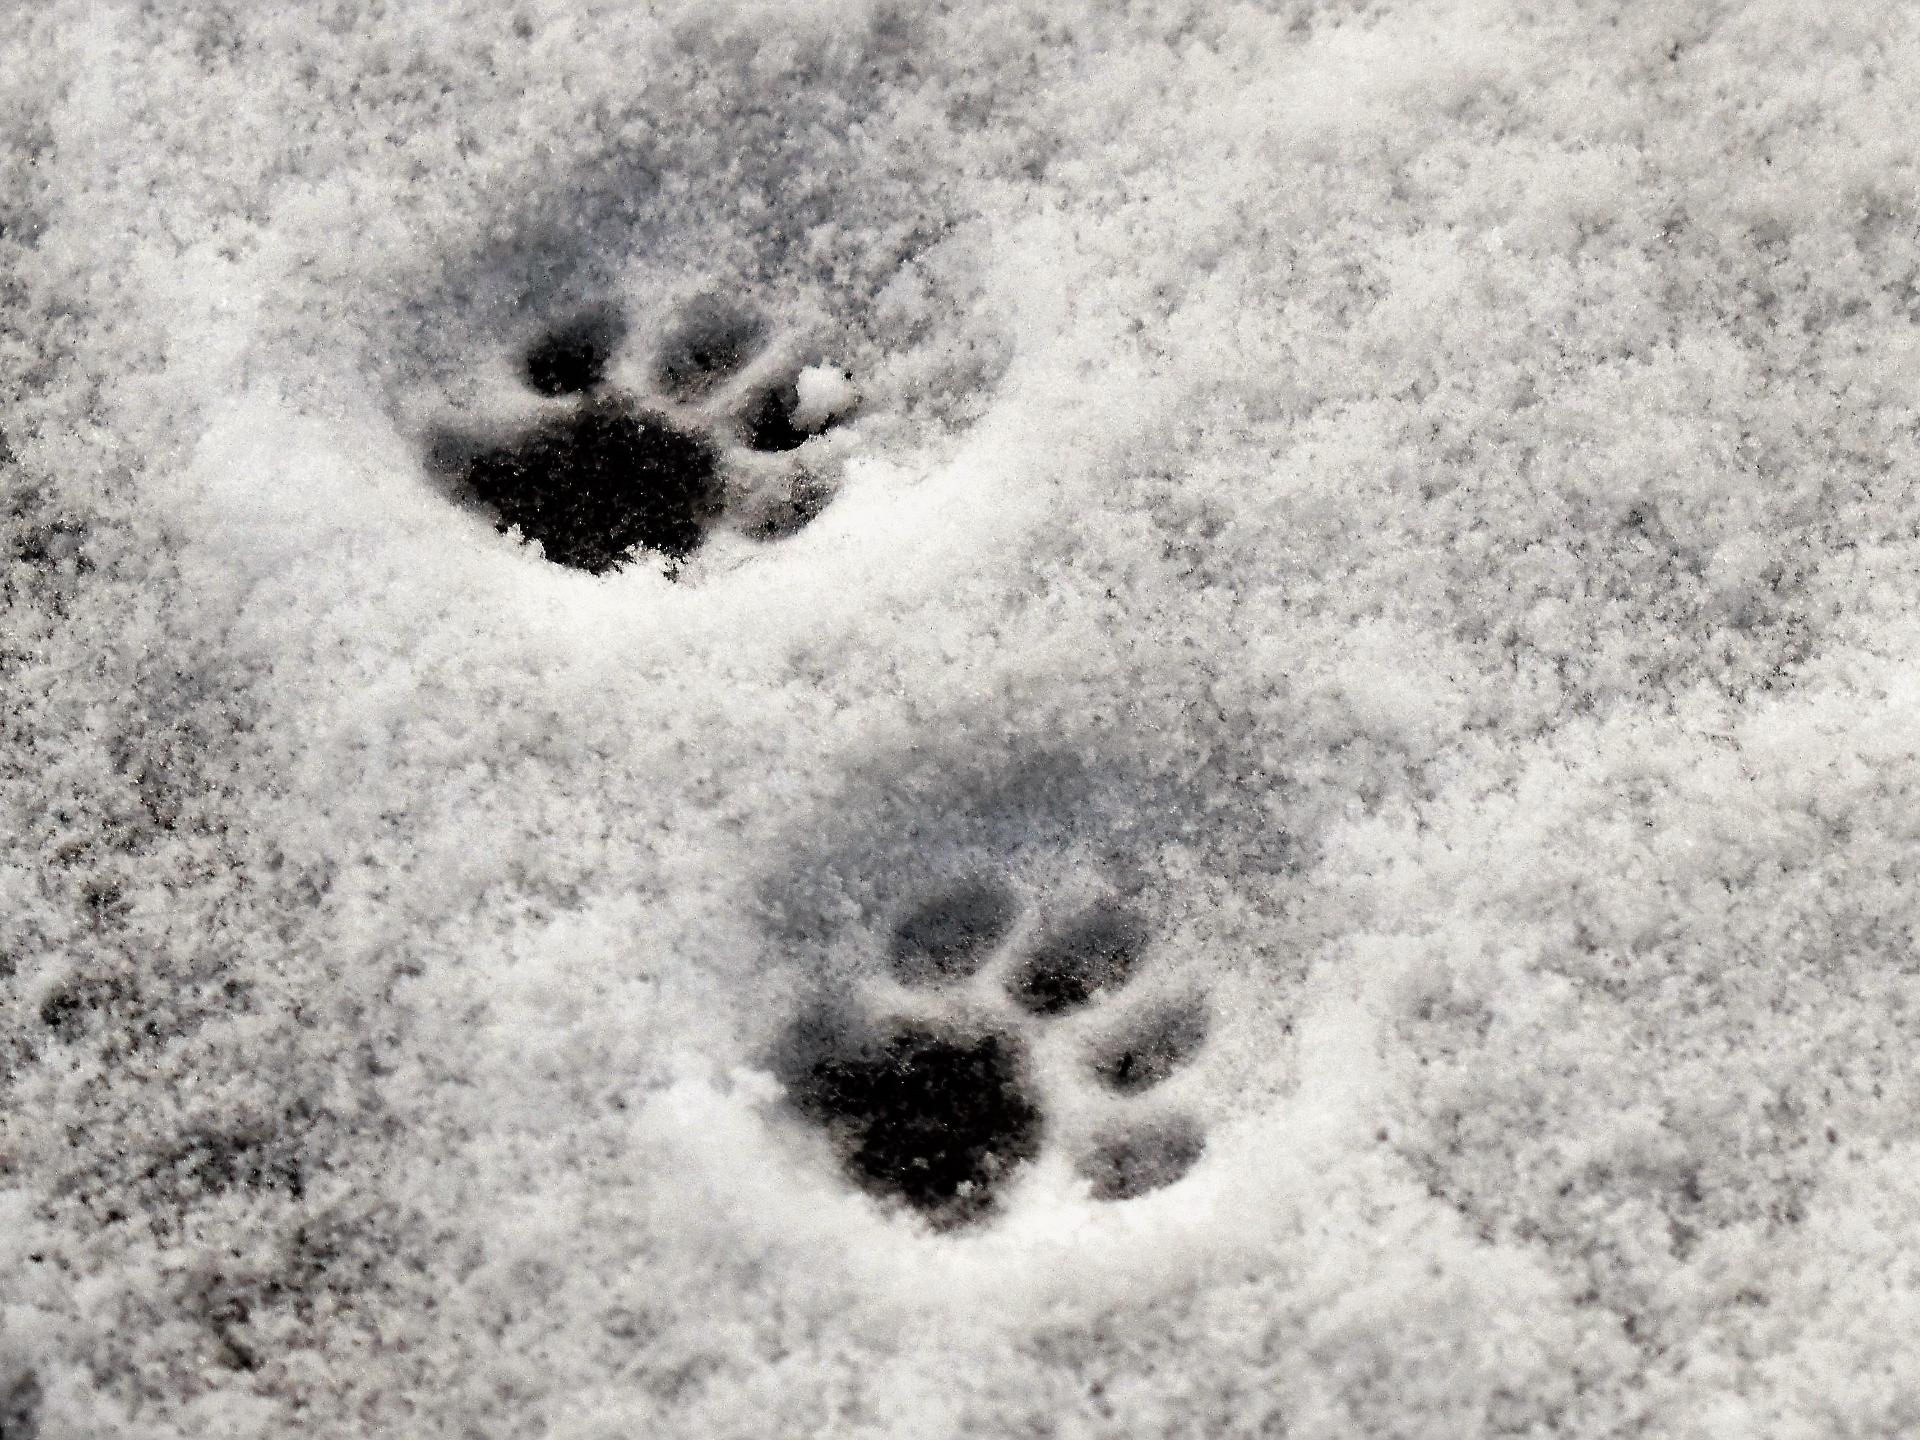 In Wohngegenden kann man sehr häufig Katzenspuren im Schnee entdecken. - Photocredit: pixabay.com/Pitsch